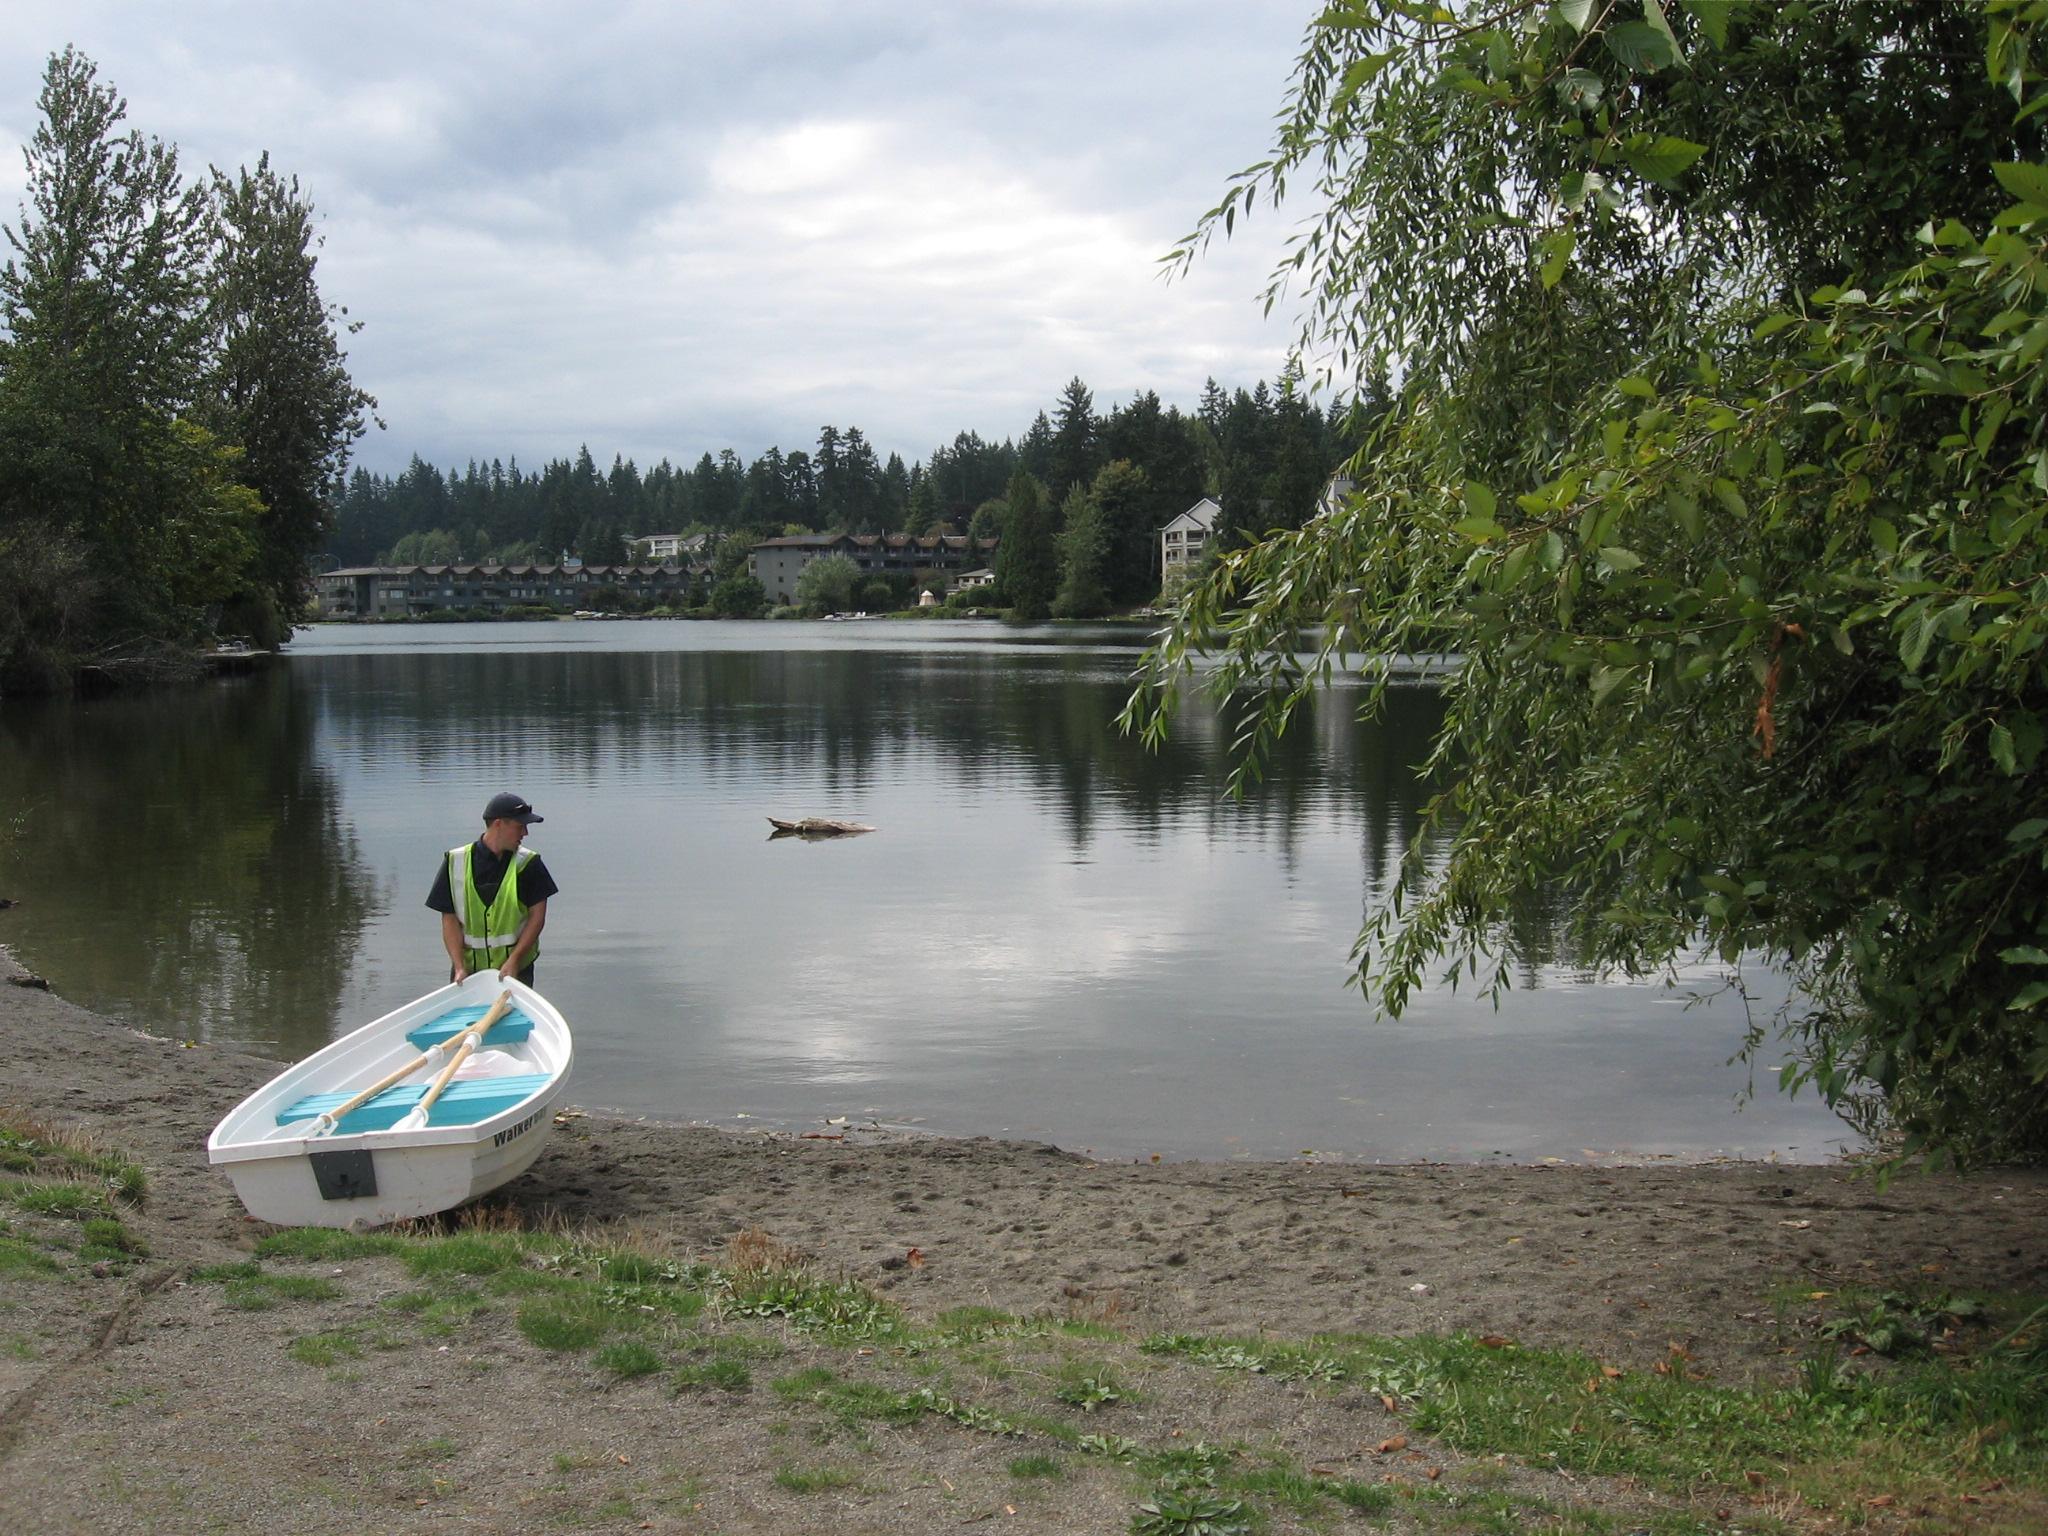 Echo-shoreline Lake